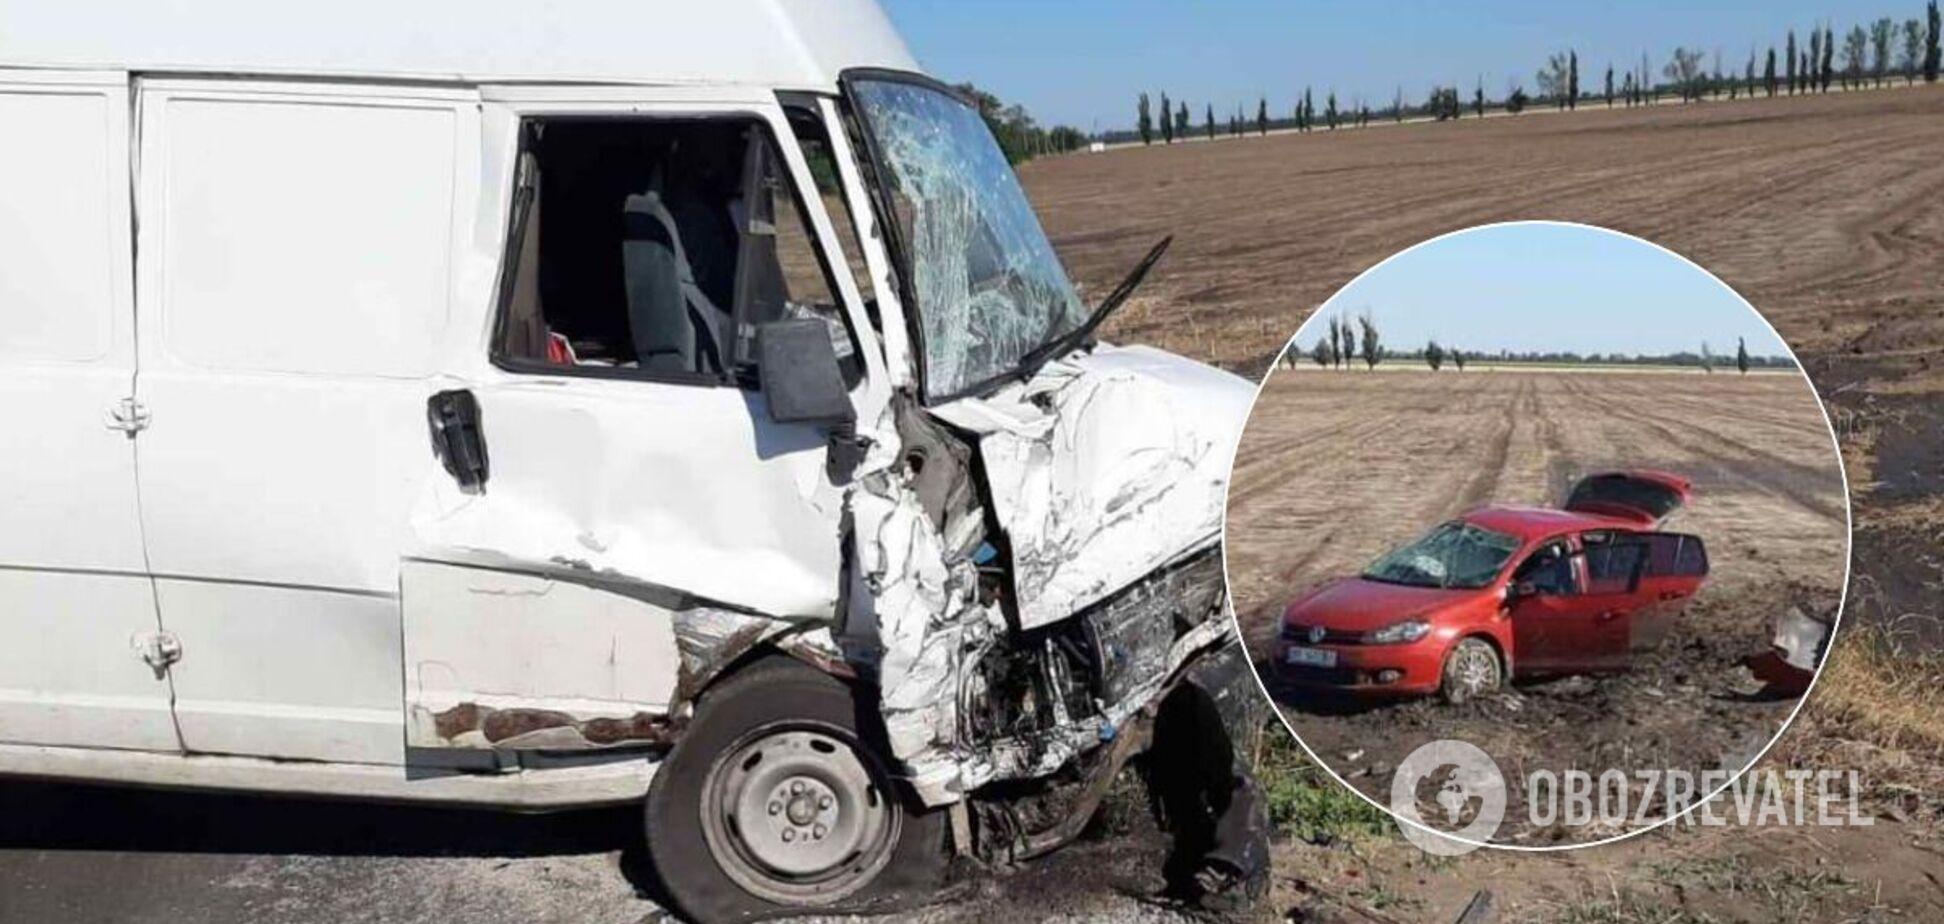 Під Скадовськом у ДТП з вантажівкою загинули батько і двоє дітей. Фото